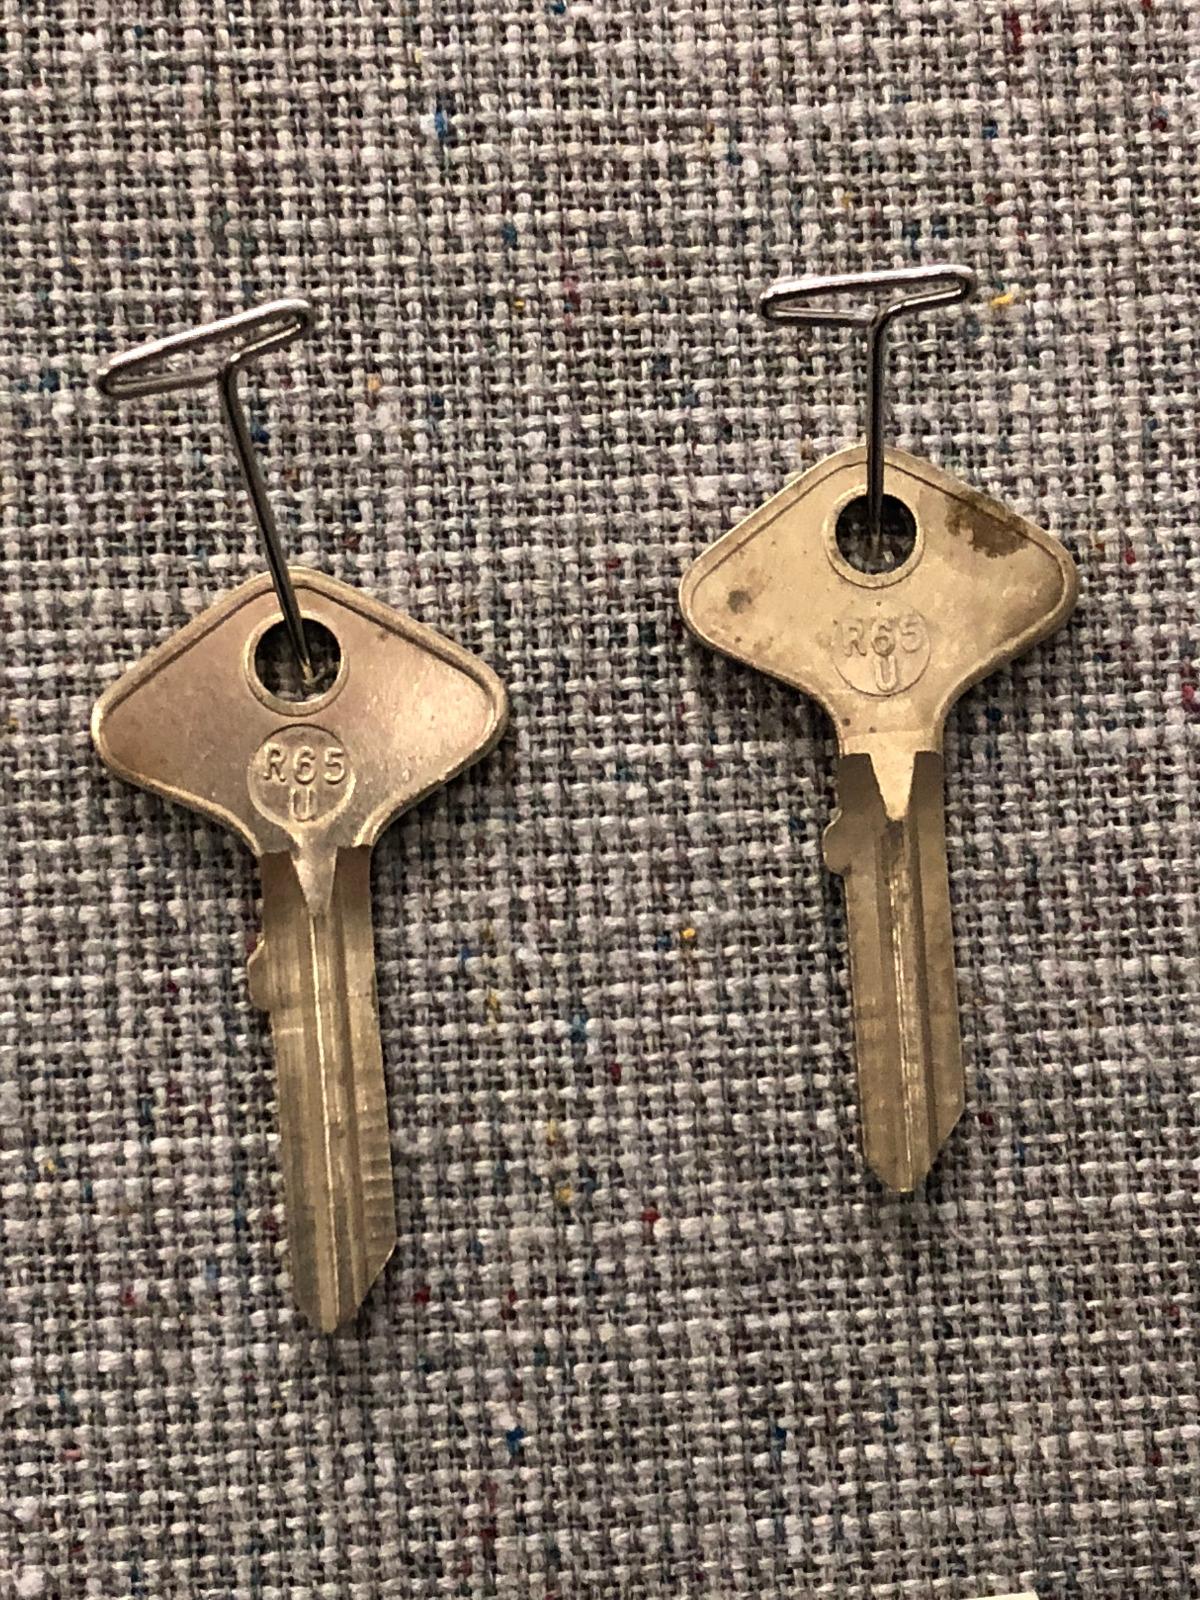 Foreign/Vintage Auto Key Blank: Taylor R65U (DL 6